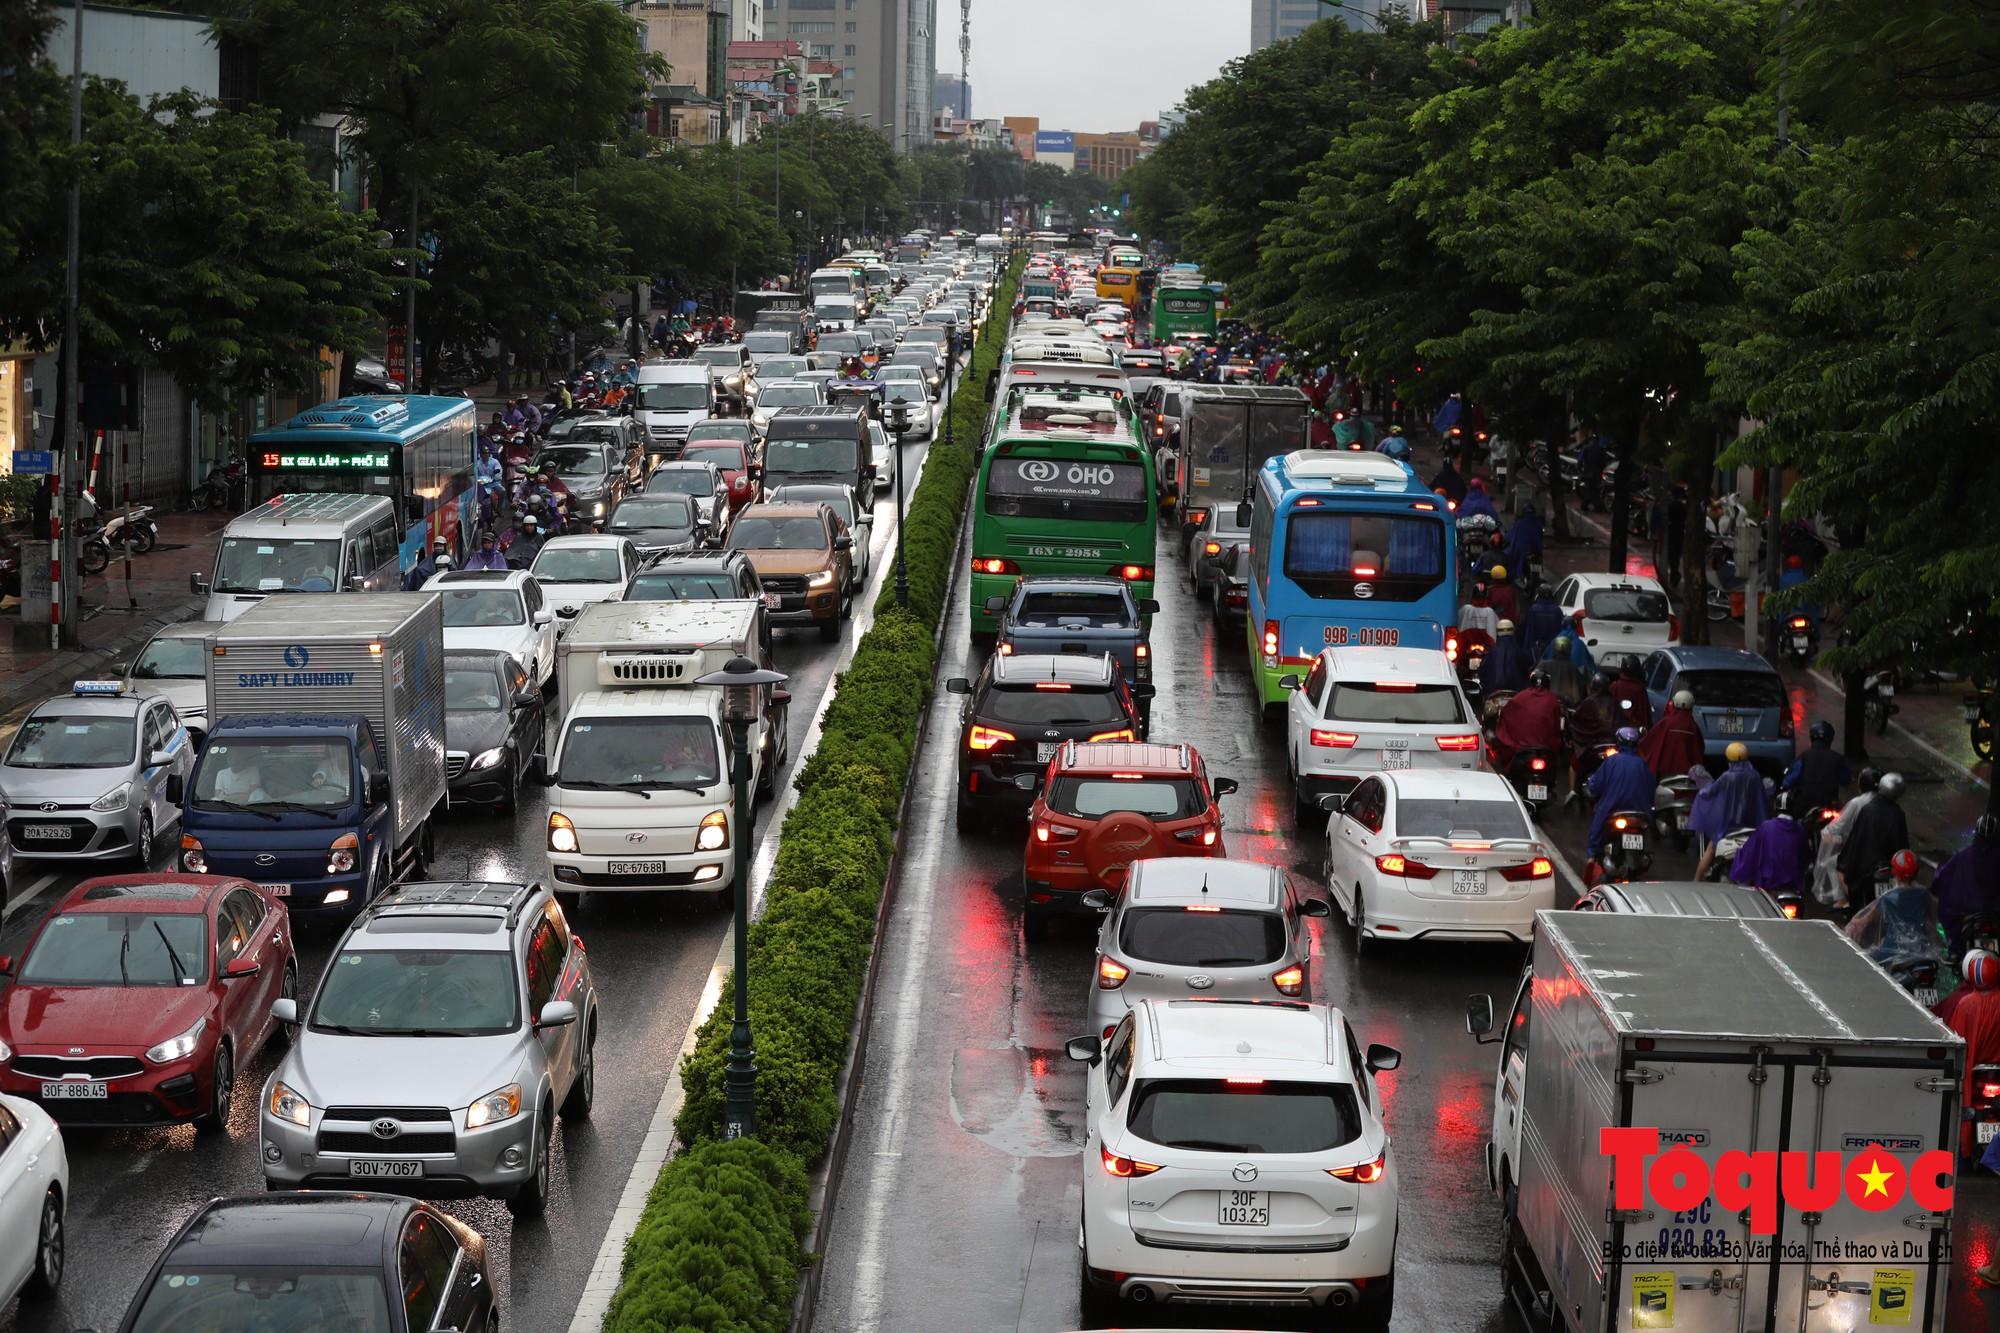 Hình ảnh xưa nay hiếm ở Thủ đô Hà Nội  cha mẹ cõng con vượt sông trong phố đến trường11